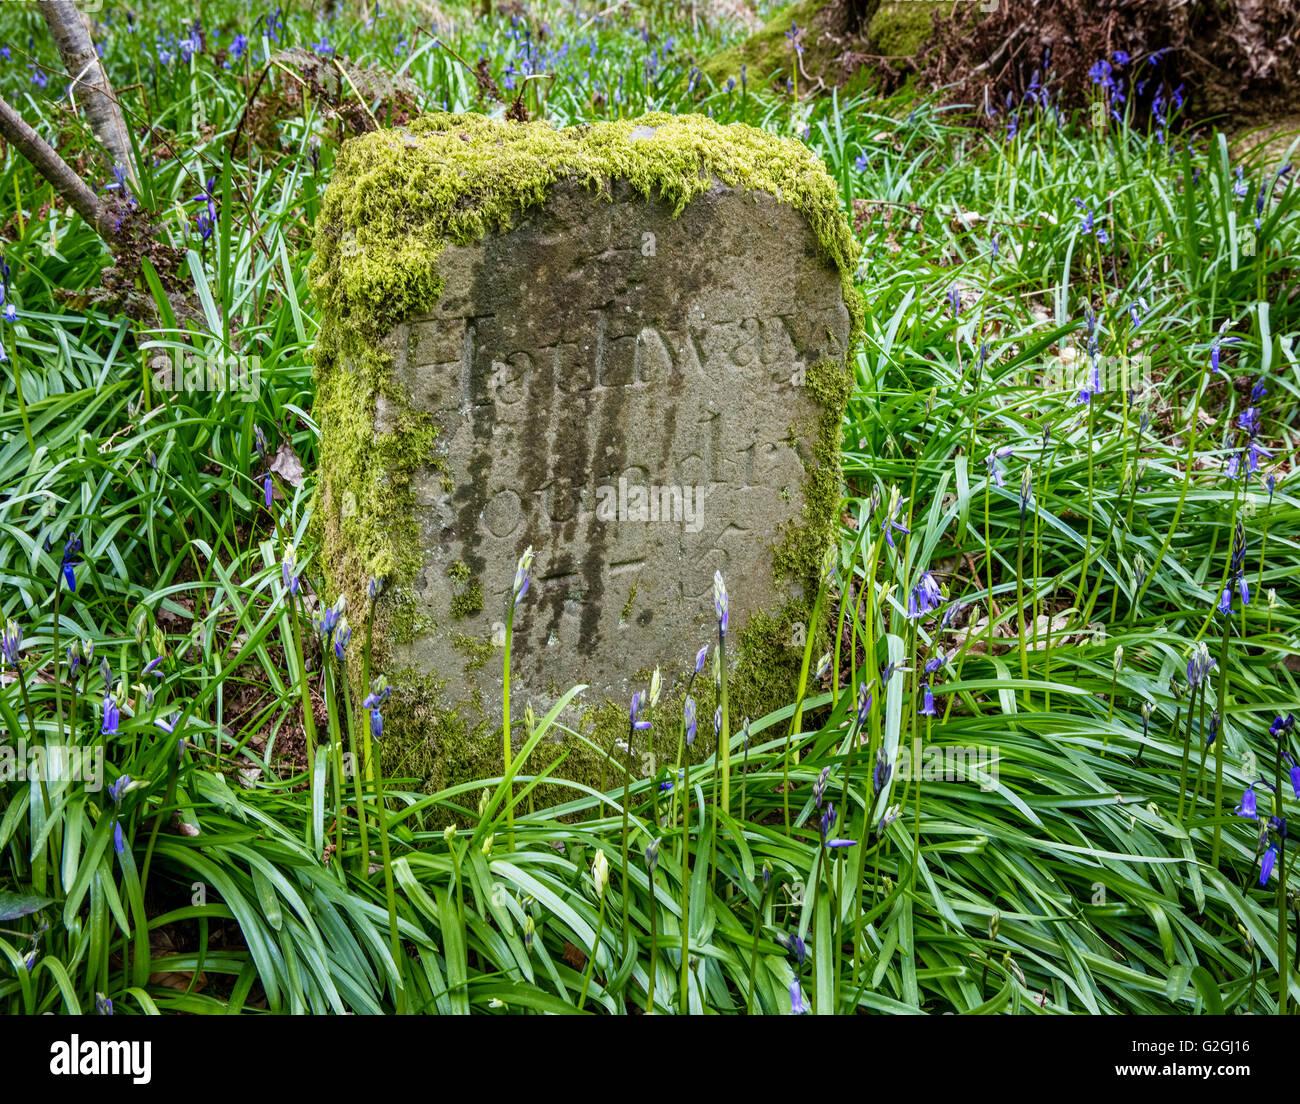 Moos bedeckt Hathway Grenzstein mit dem Datum 1775 in einem Somerset Bluebell Holz UK Stockbild